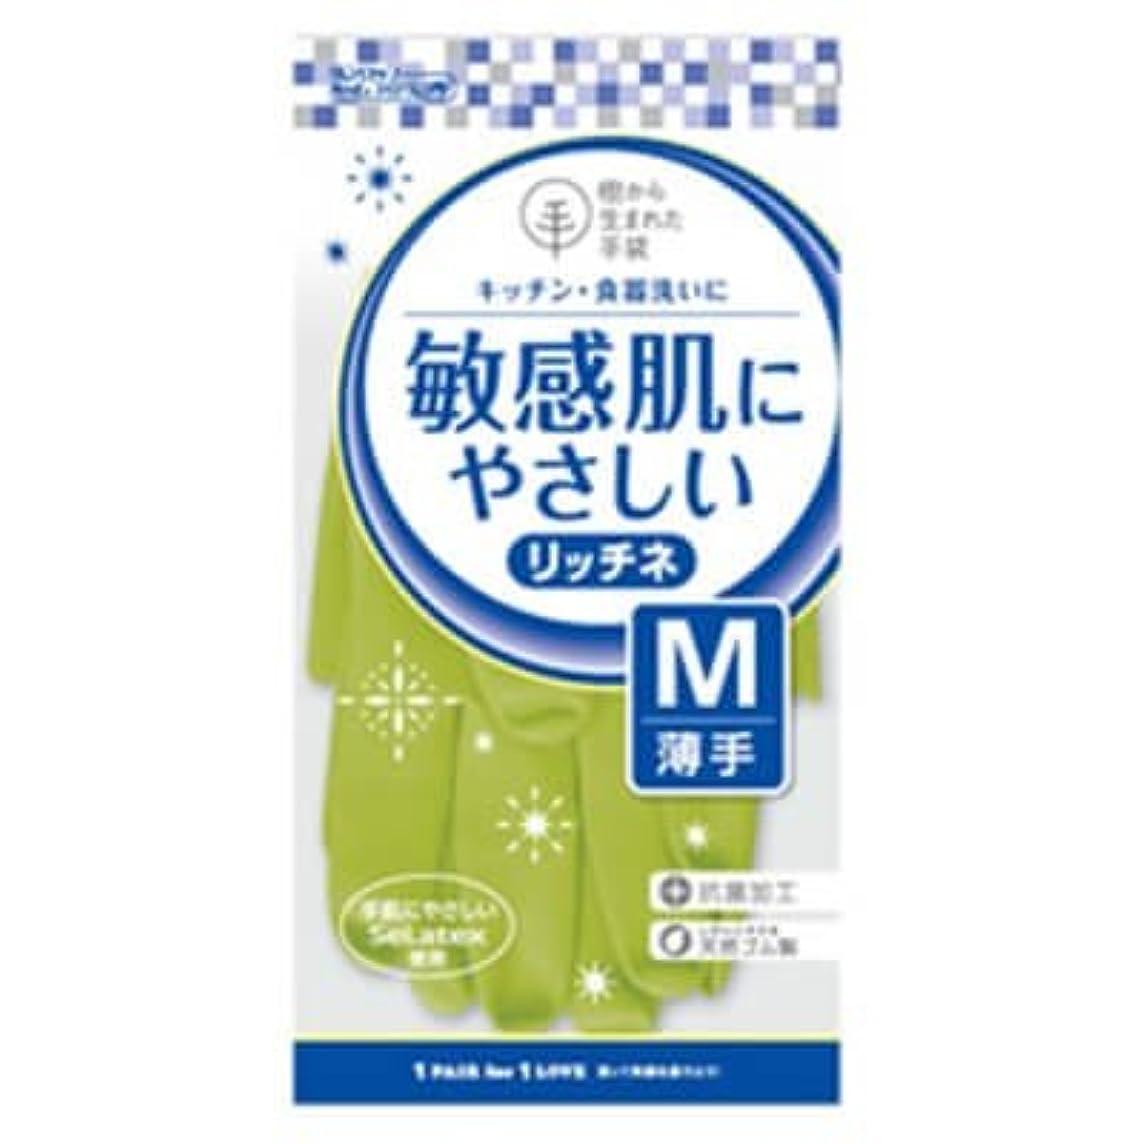 促す特別なパンダ【ケース販売】 ダンロップ 敏感肌にやさしい リッチネ 薄手 M グリーン (10双×24袋)